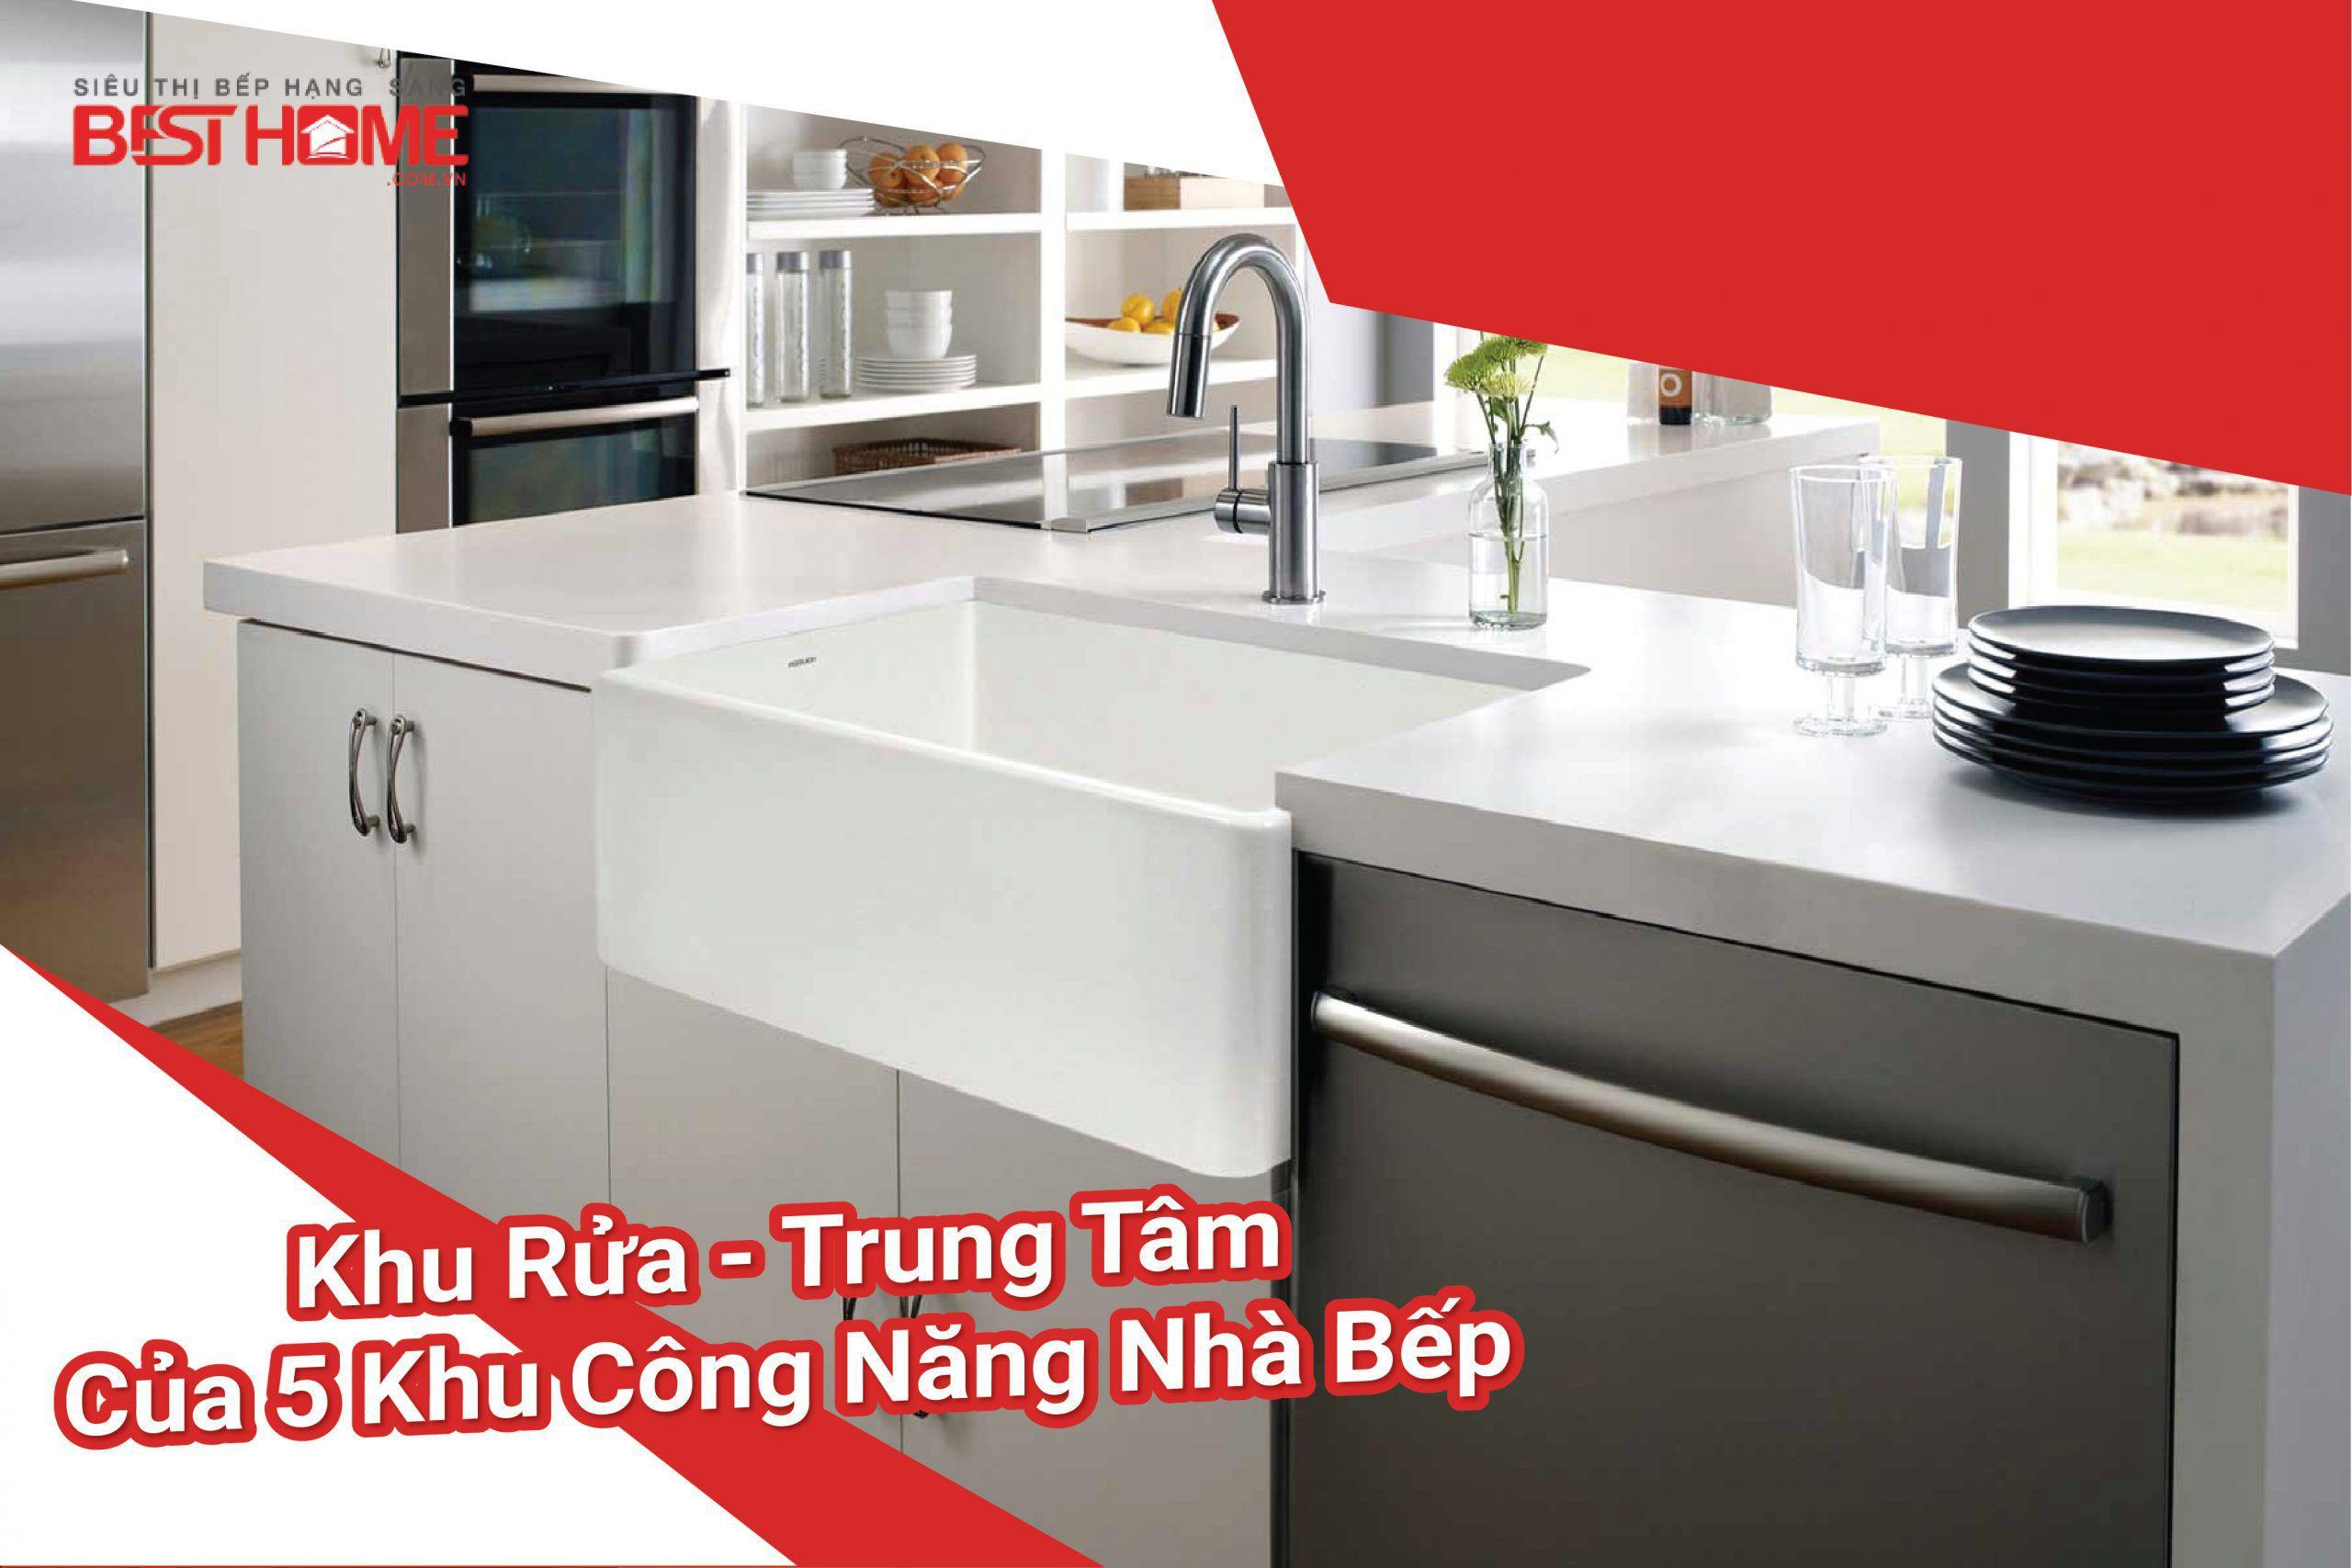 Khu rửa – trung tâm của 5 khu công năng nhà bếp